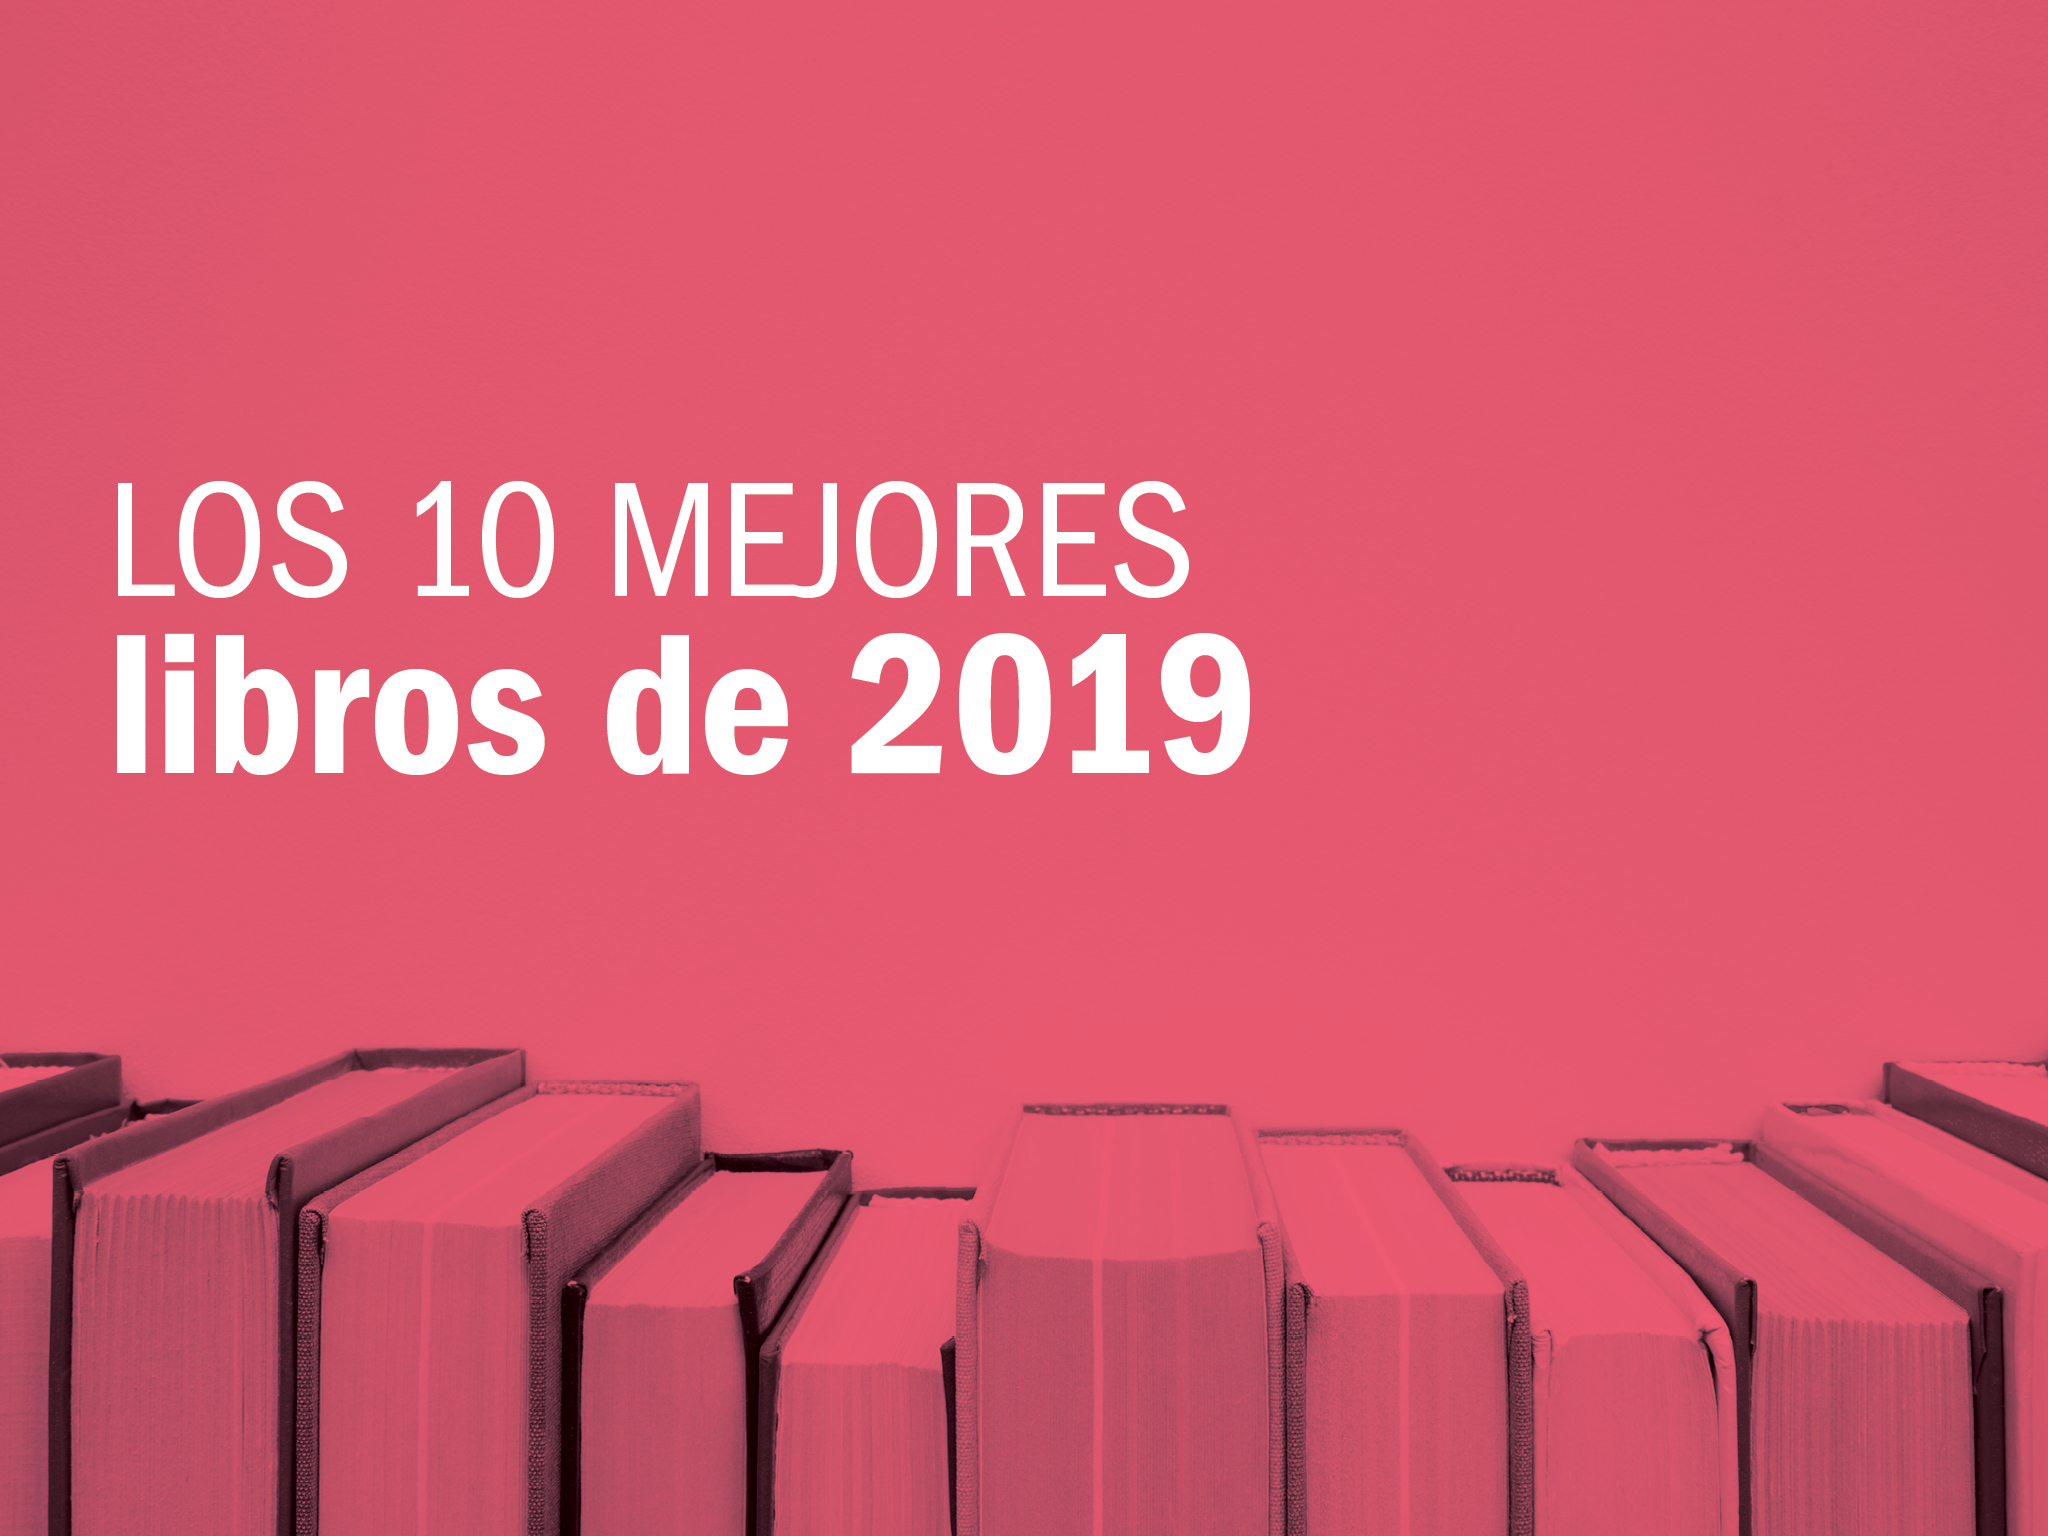 Los 10 mejores libros de 2019